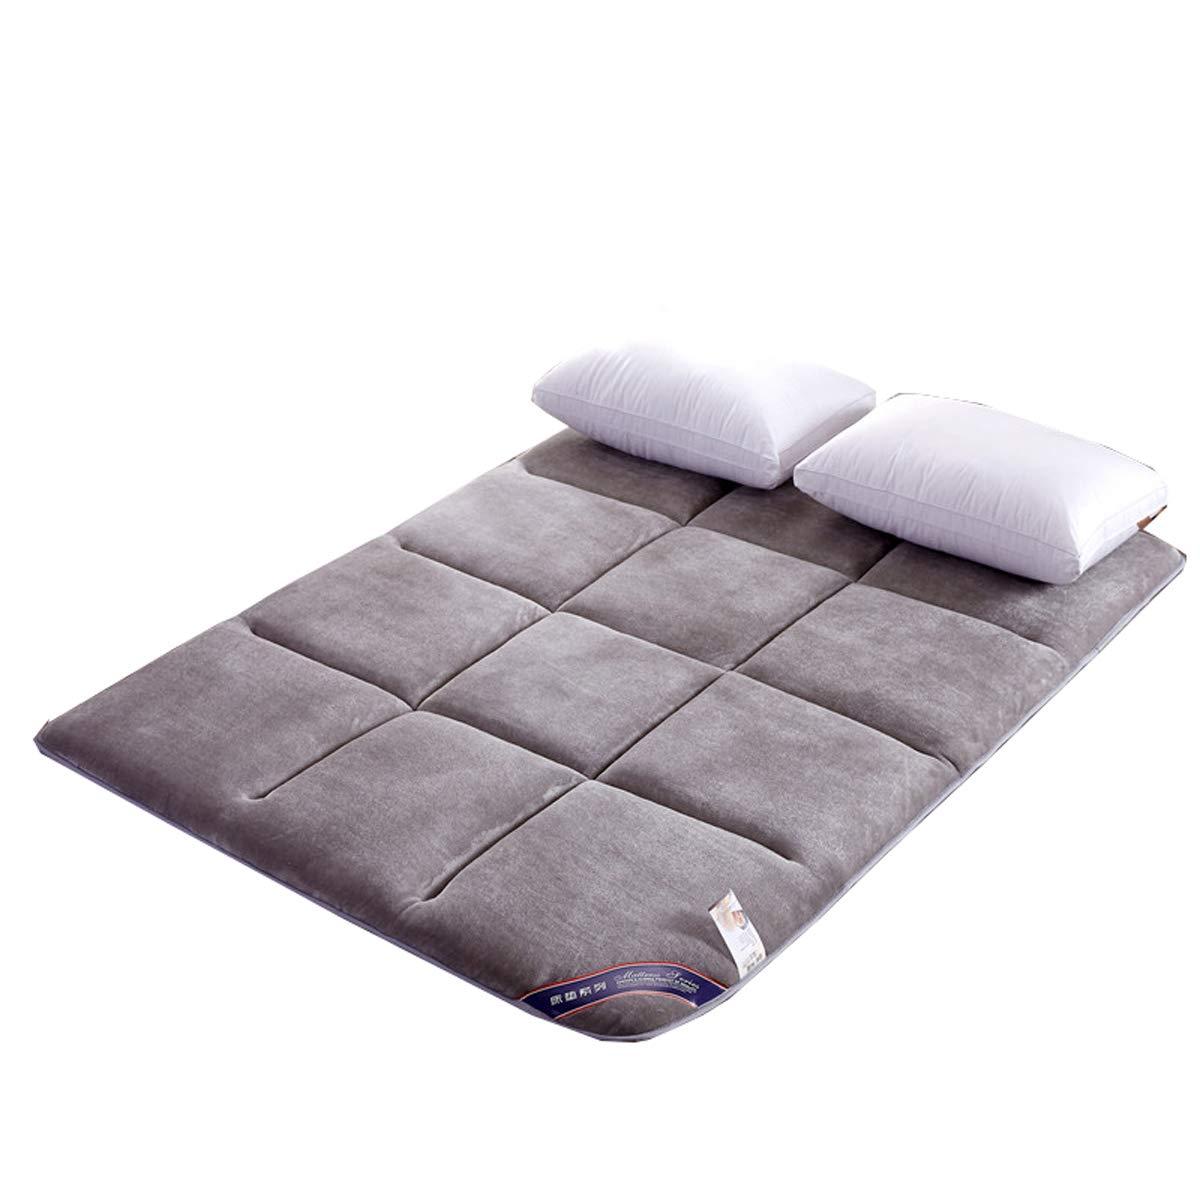 Tatami Materasso futon, Dormitorio Pad Bed Tappetino Mattress Protector Futon Pieghevole Materasso Trapuntato per Divano,A,150 * 200cm Prezzi offerte